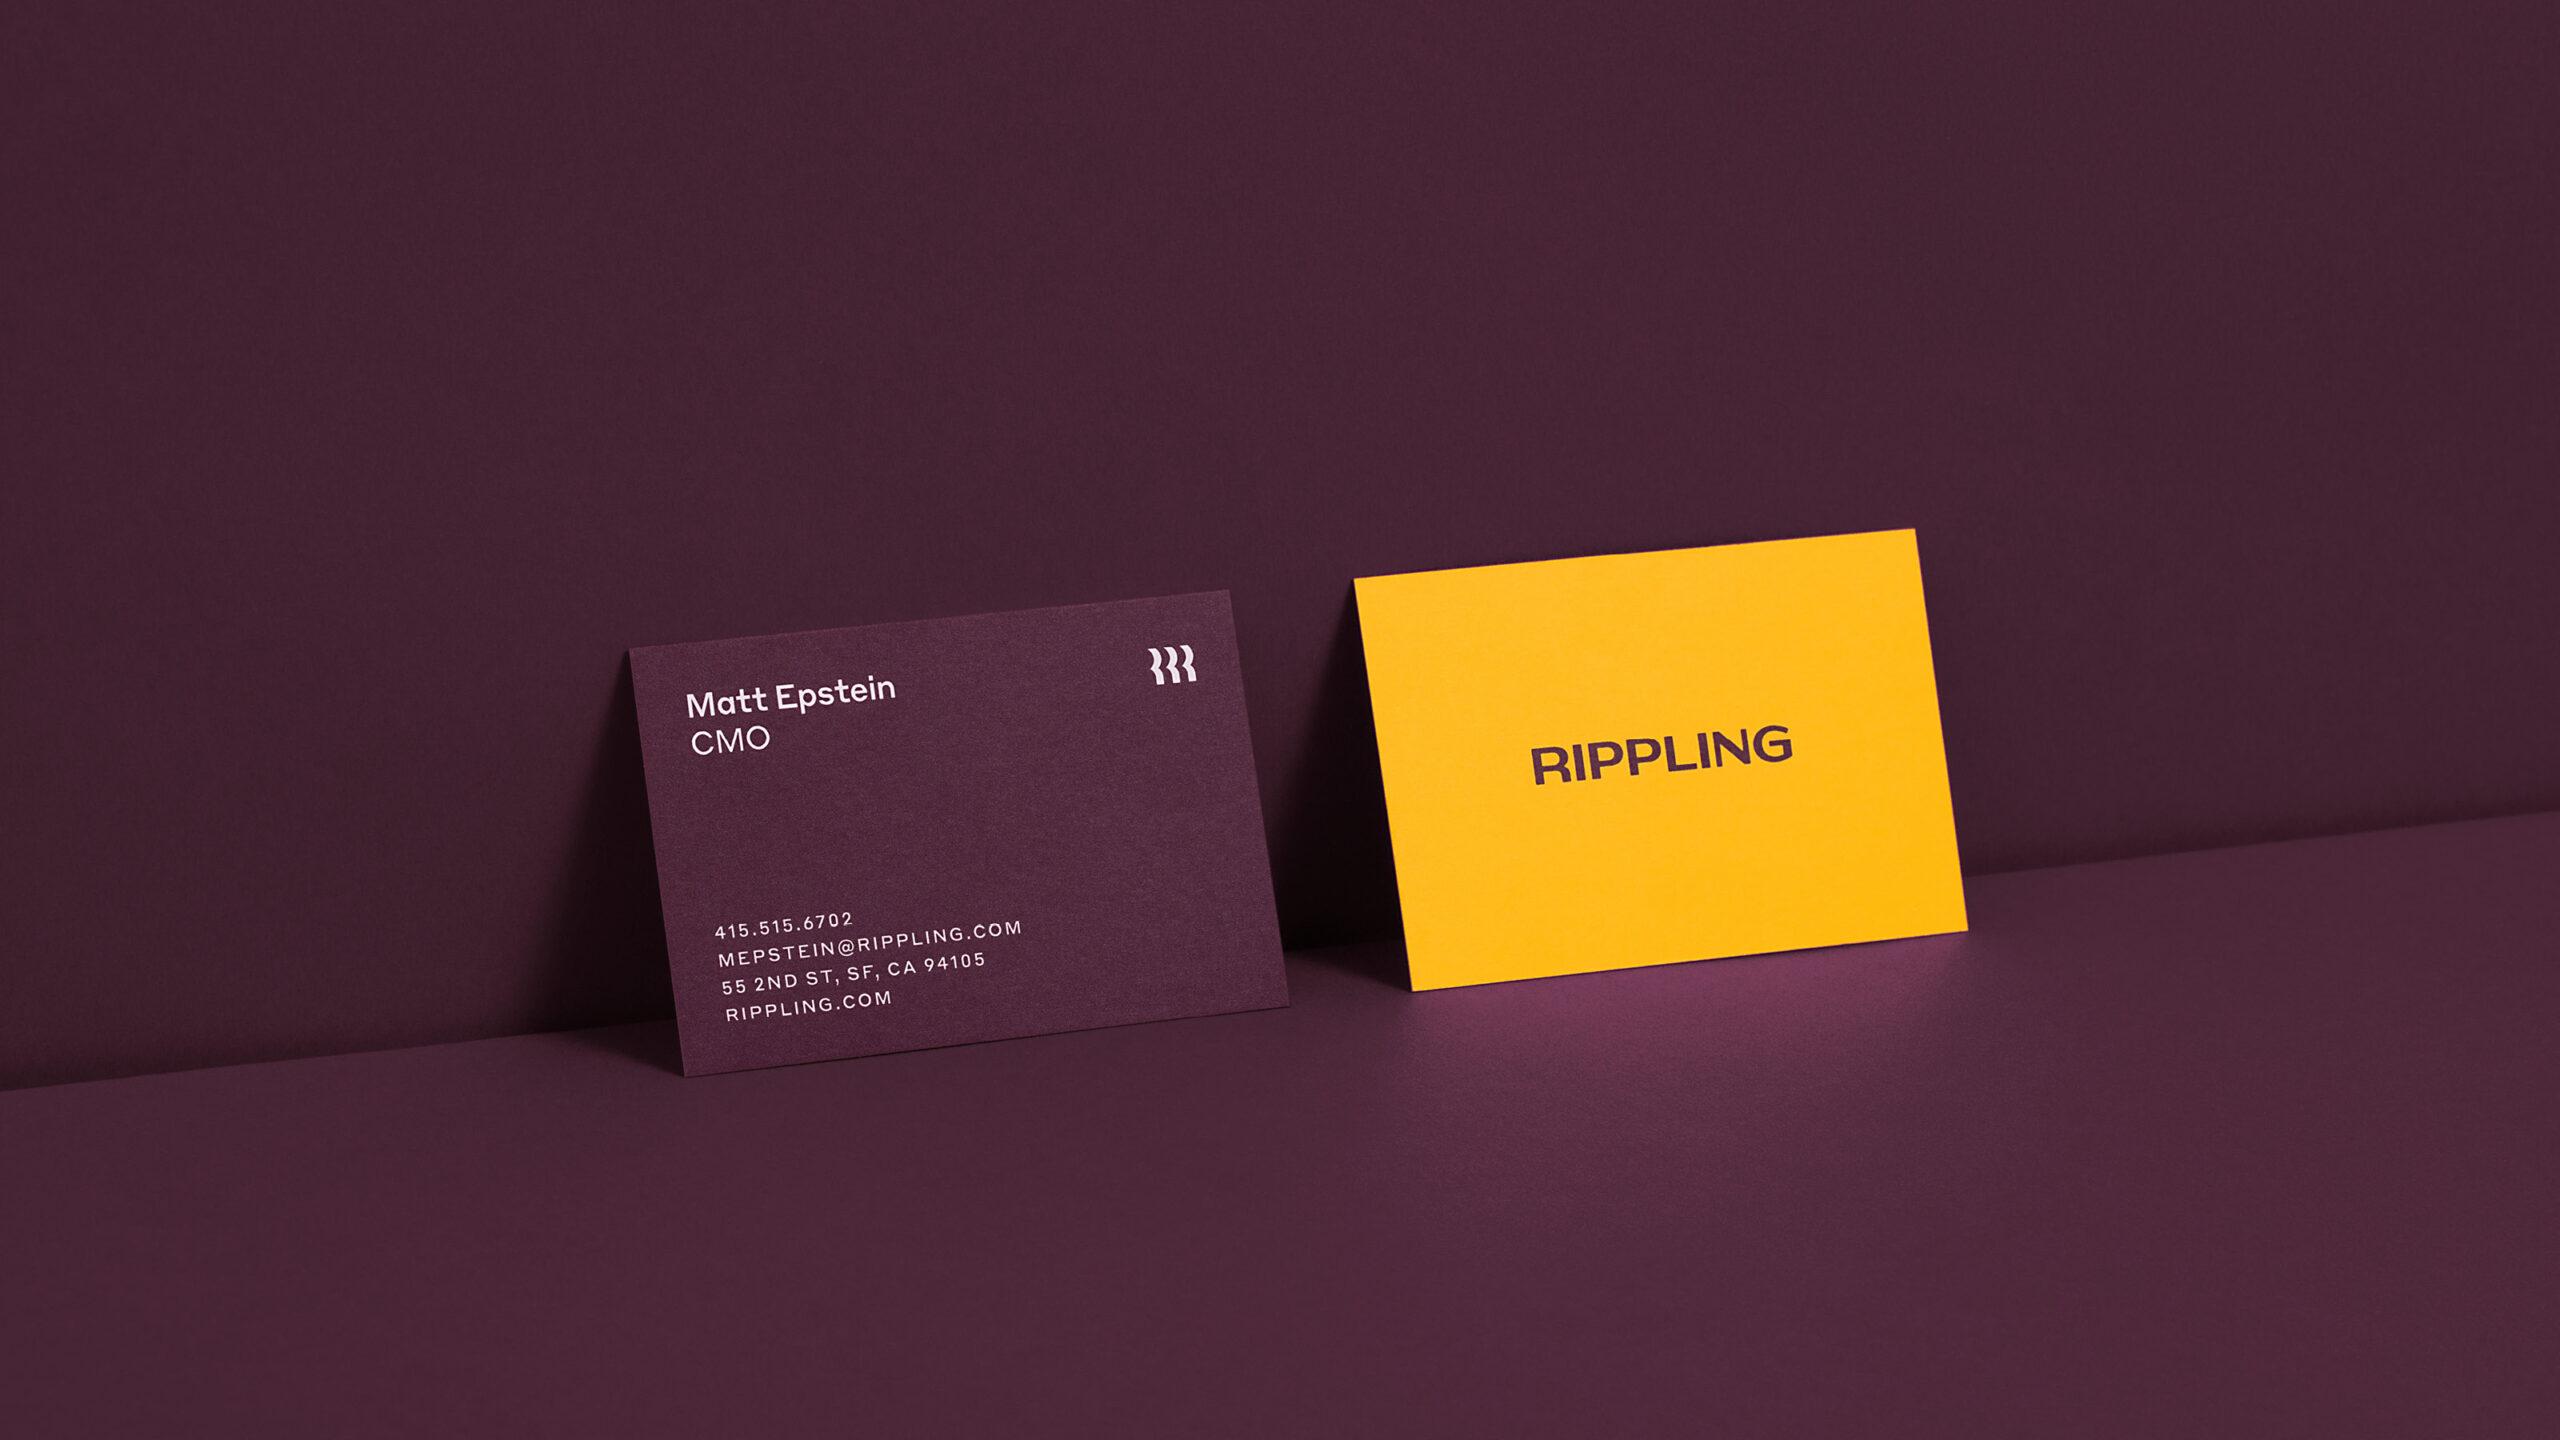 Wiesner.com_Cases_Rippling19